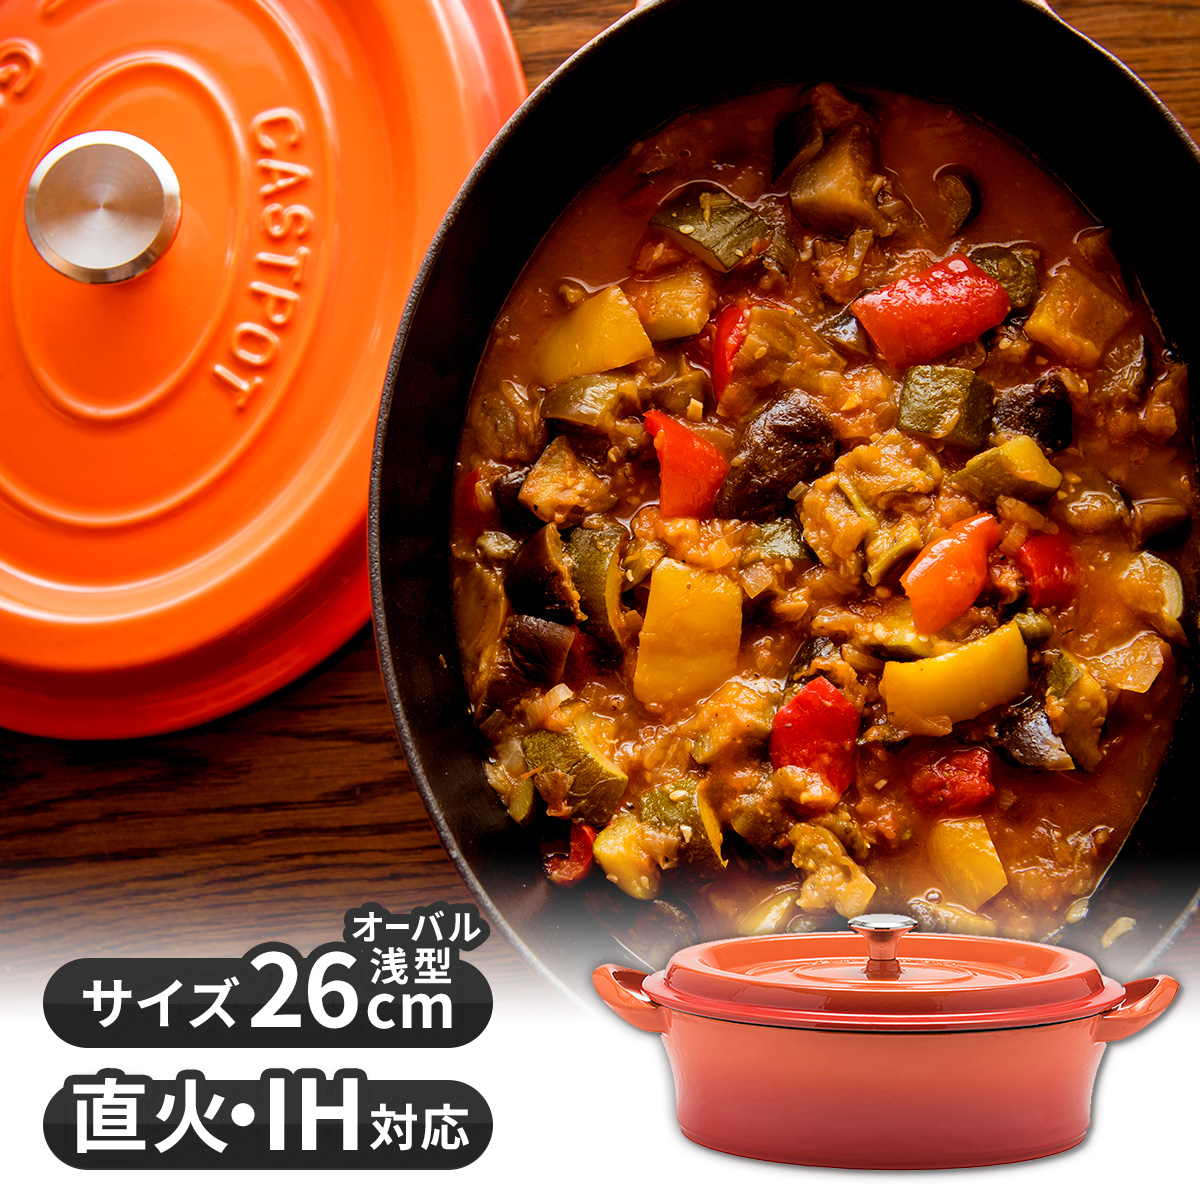 ★グッドプラス キャストポット オーバル26�オレンジ(鉄鋳物ホーロー鍋)